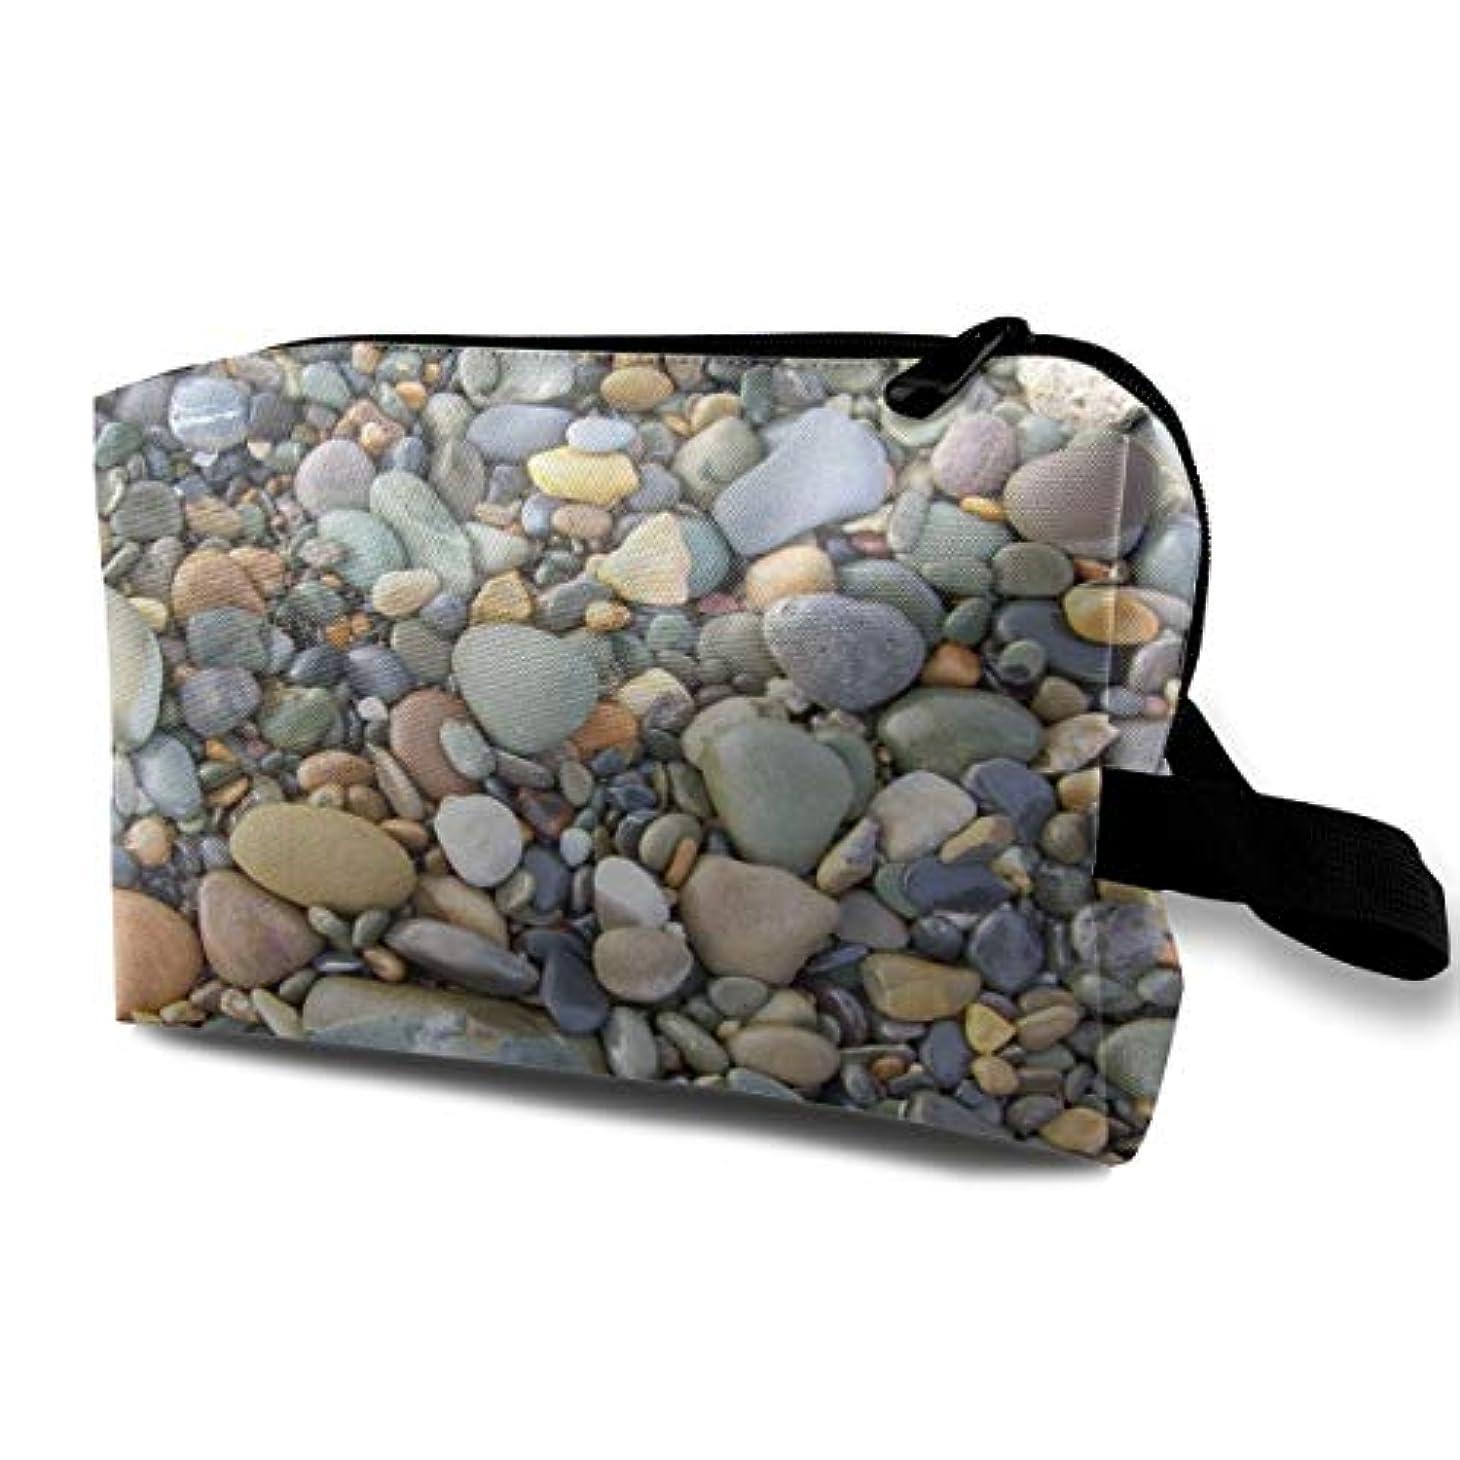 追うしわ雄弁なPebble Stone Pattern 収納ポーチ 化粧ポーチ 大容量 軽量 耐久性 ハンドル付持ち運び便利。入れ 自宅?出張?旅行?アウトドア撮影などに対応。メンズ レディース トラベルグッズ